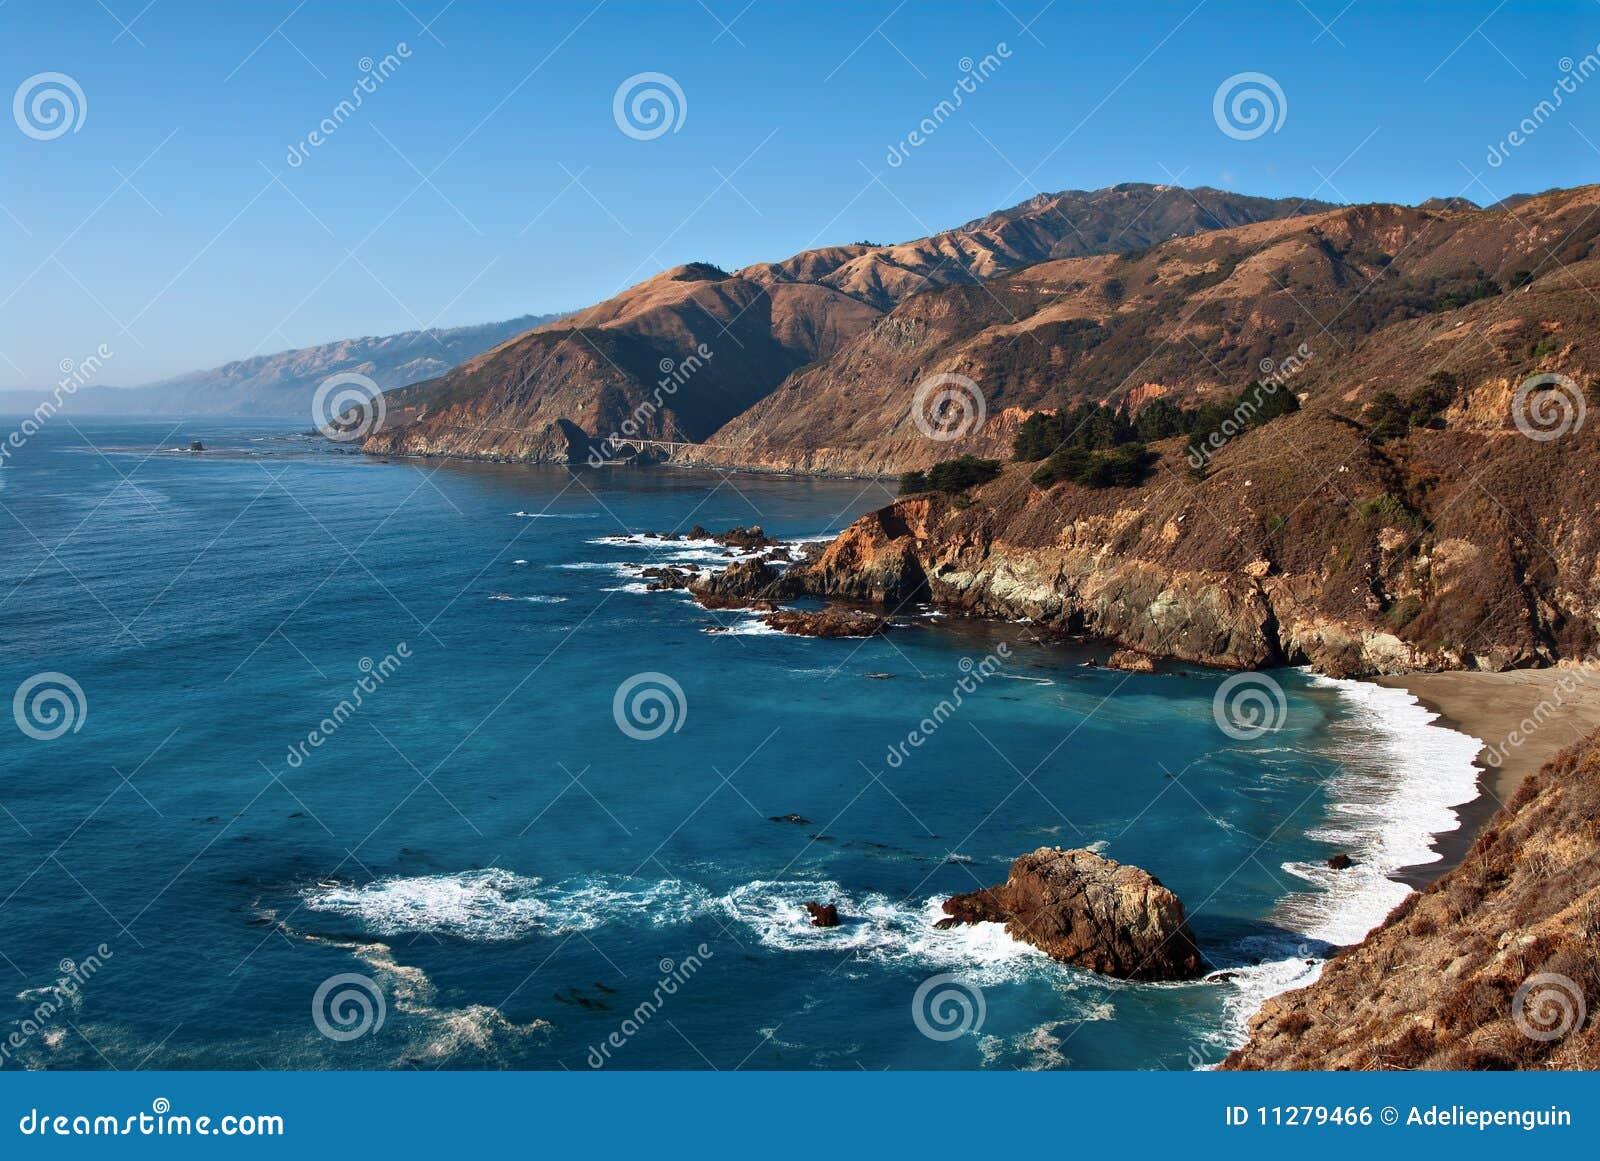 Grand Sur, côte de la Californie